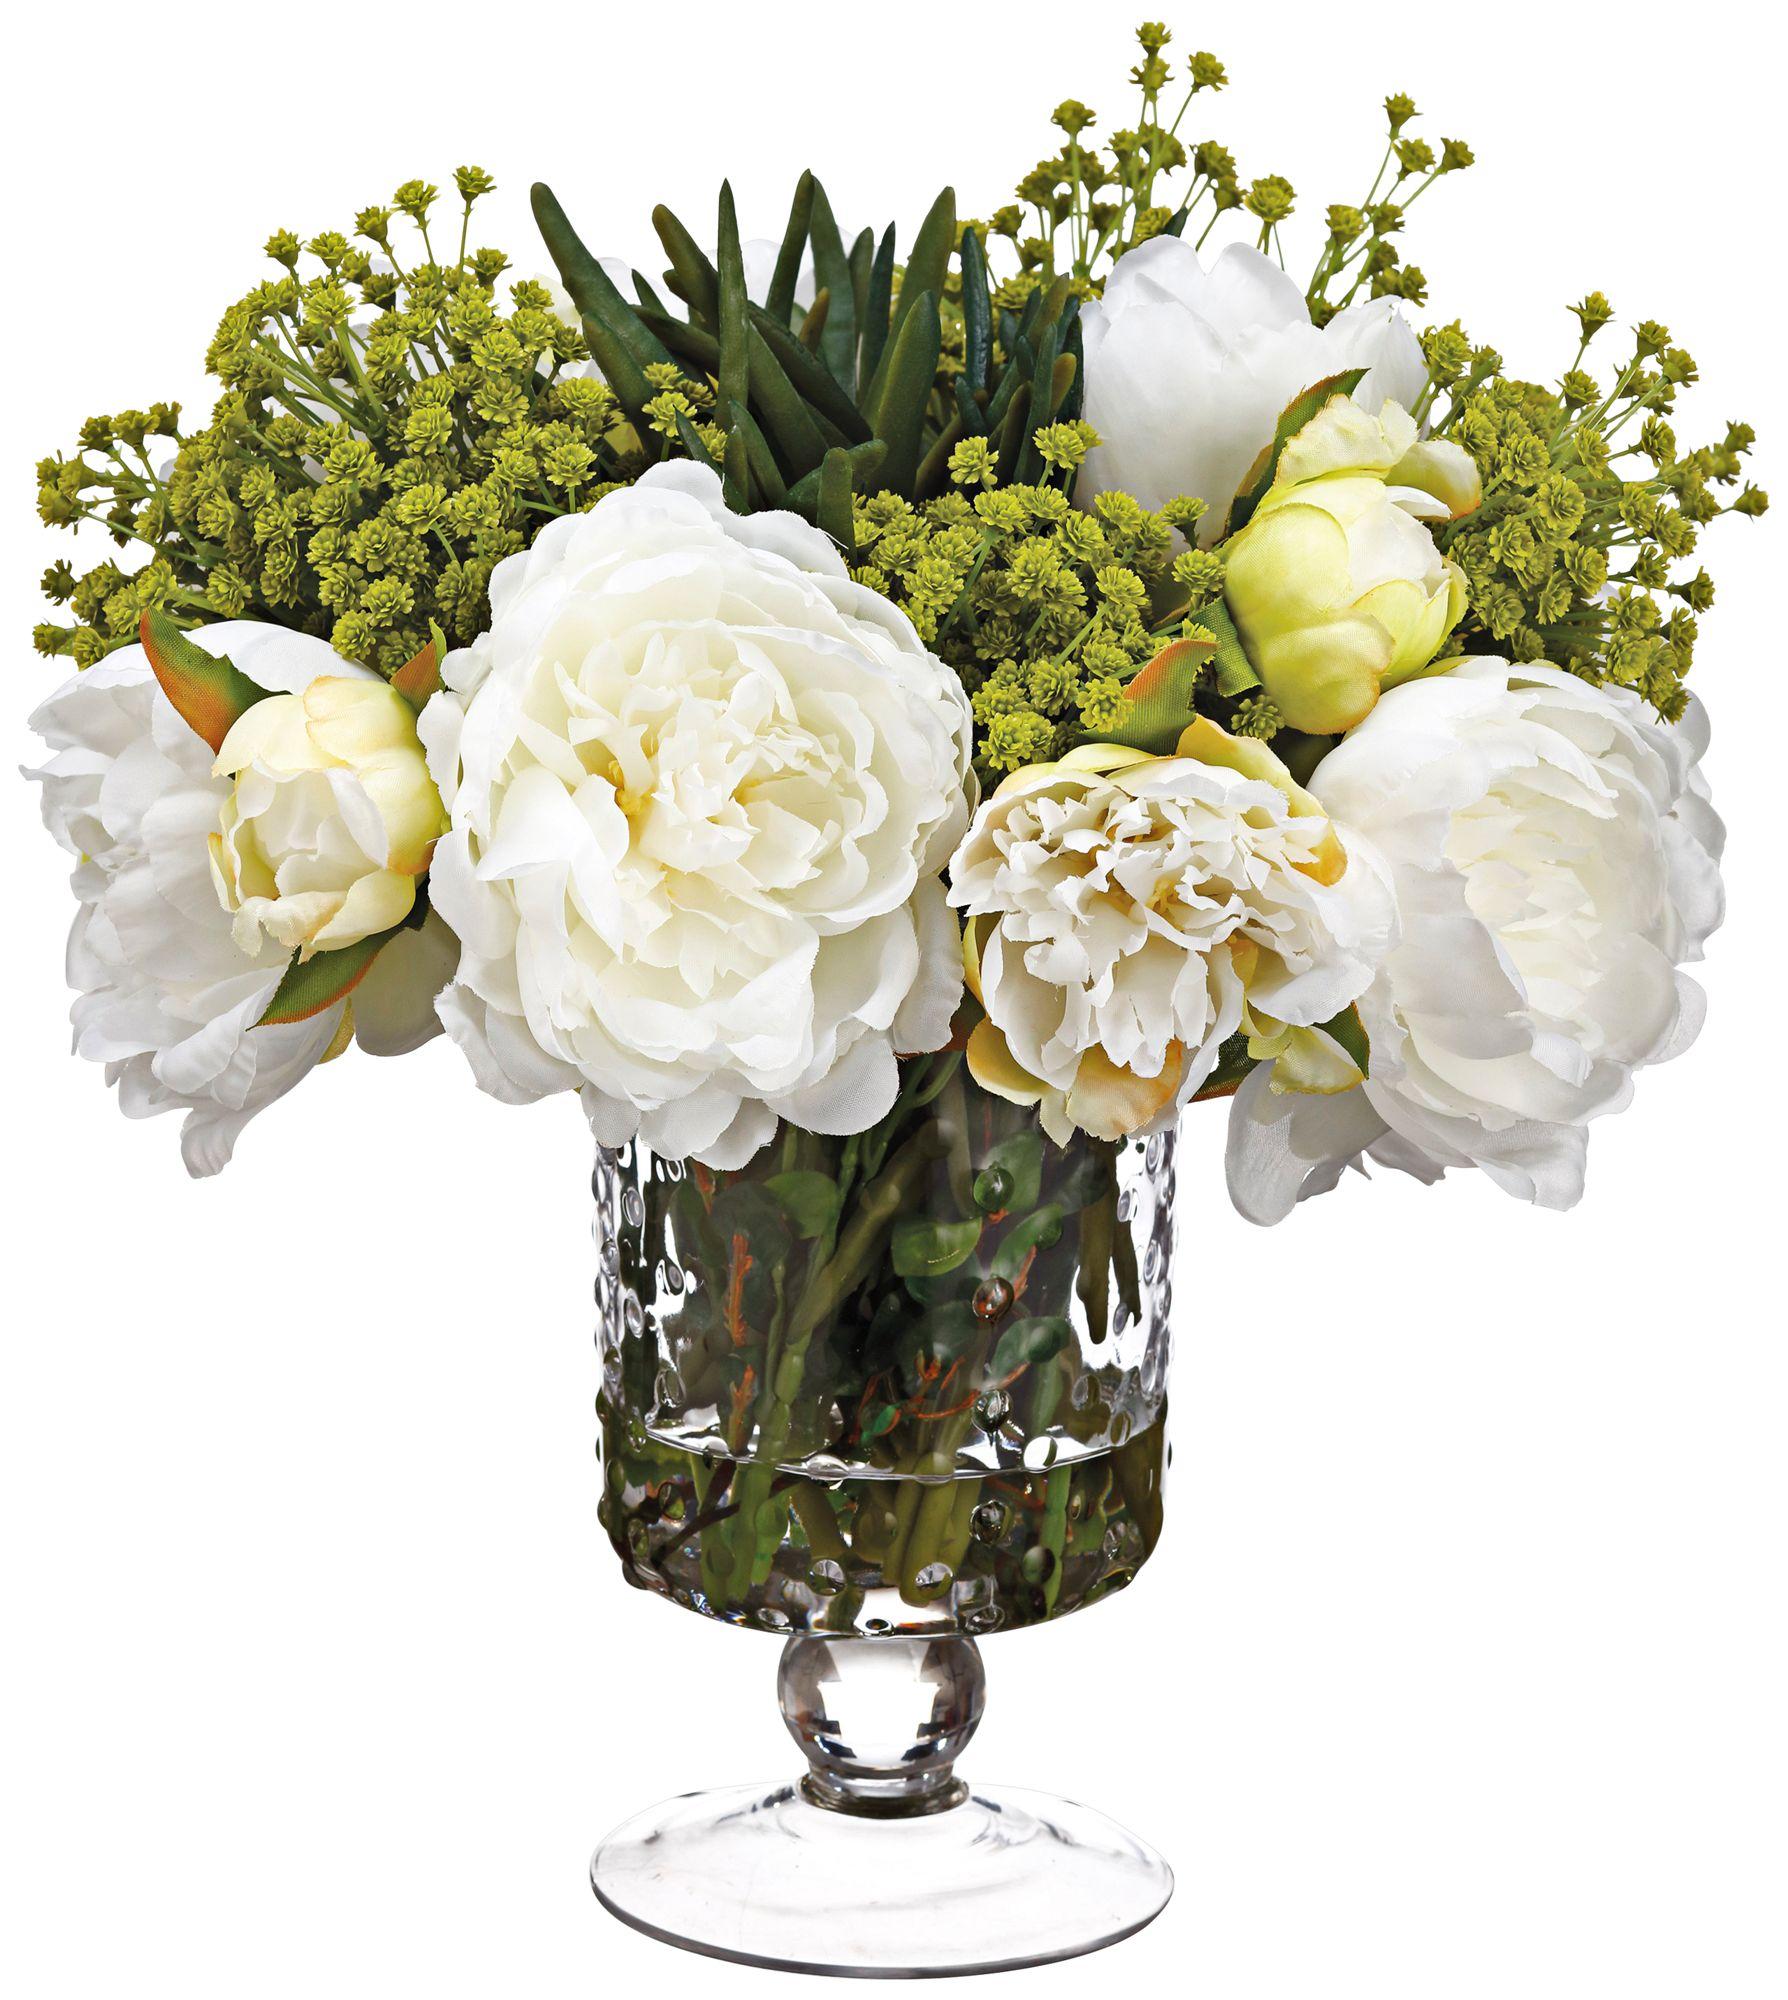 224 & Artificial Flower Arrangements - Designer Faux Flowers ...